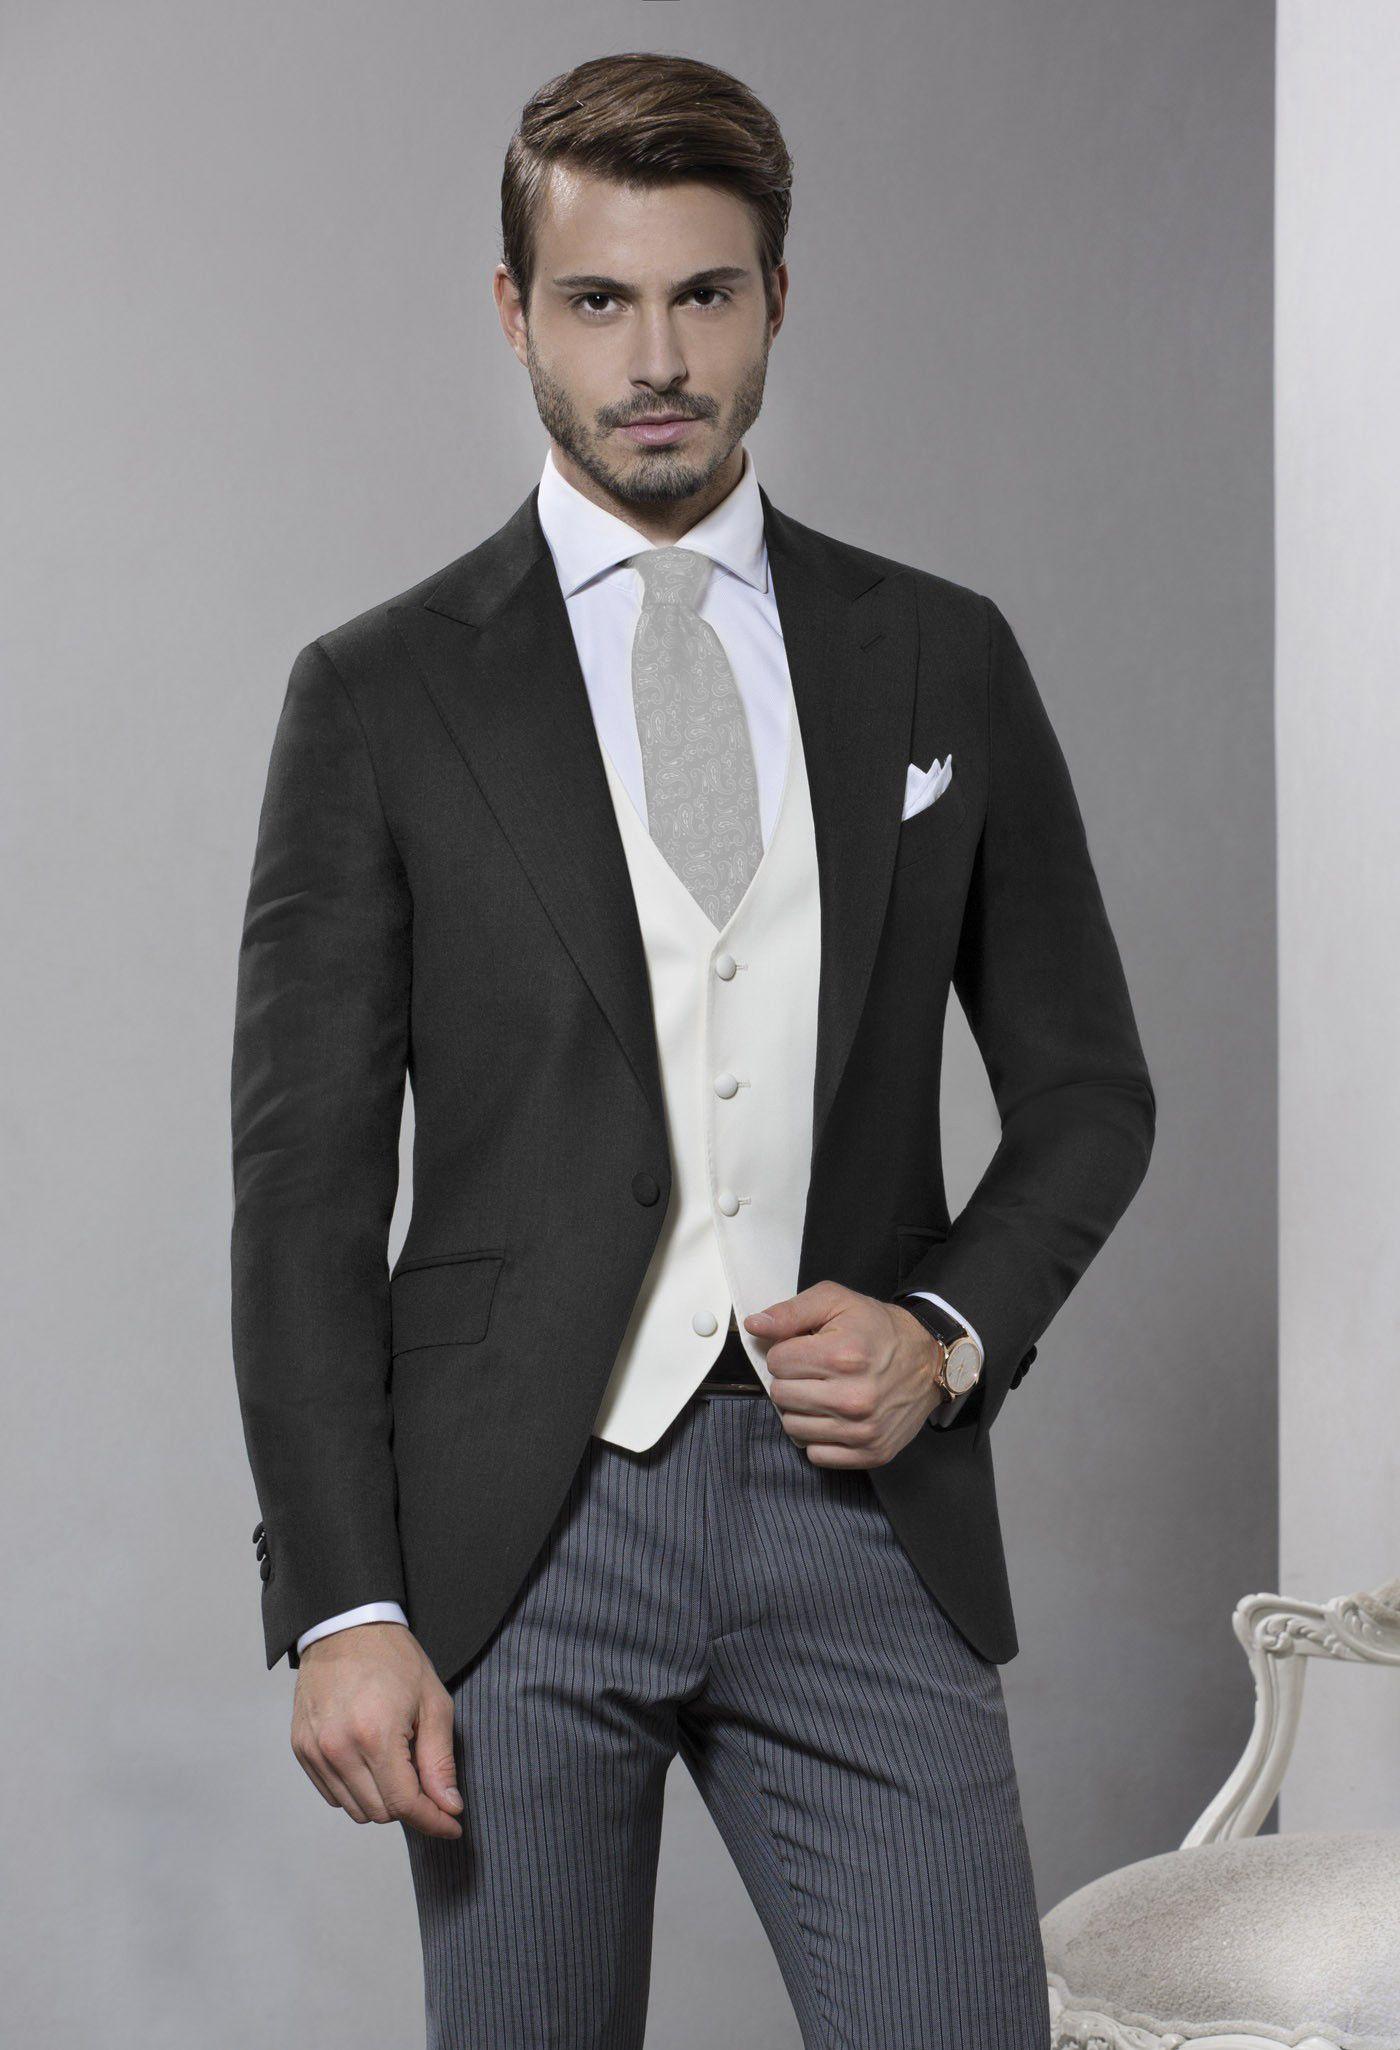 the groom, groomsmen, fathers. Coat is dark grey, vest is cream ...